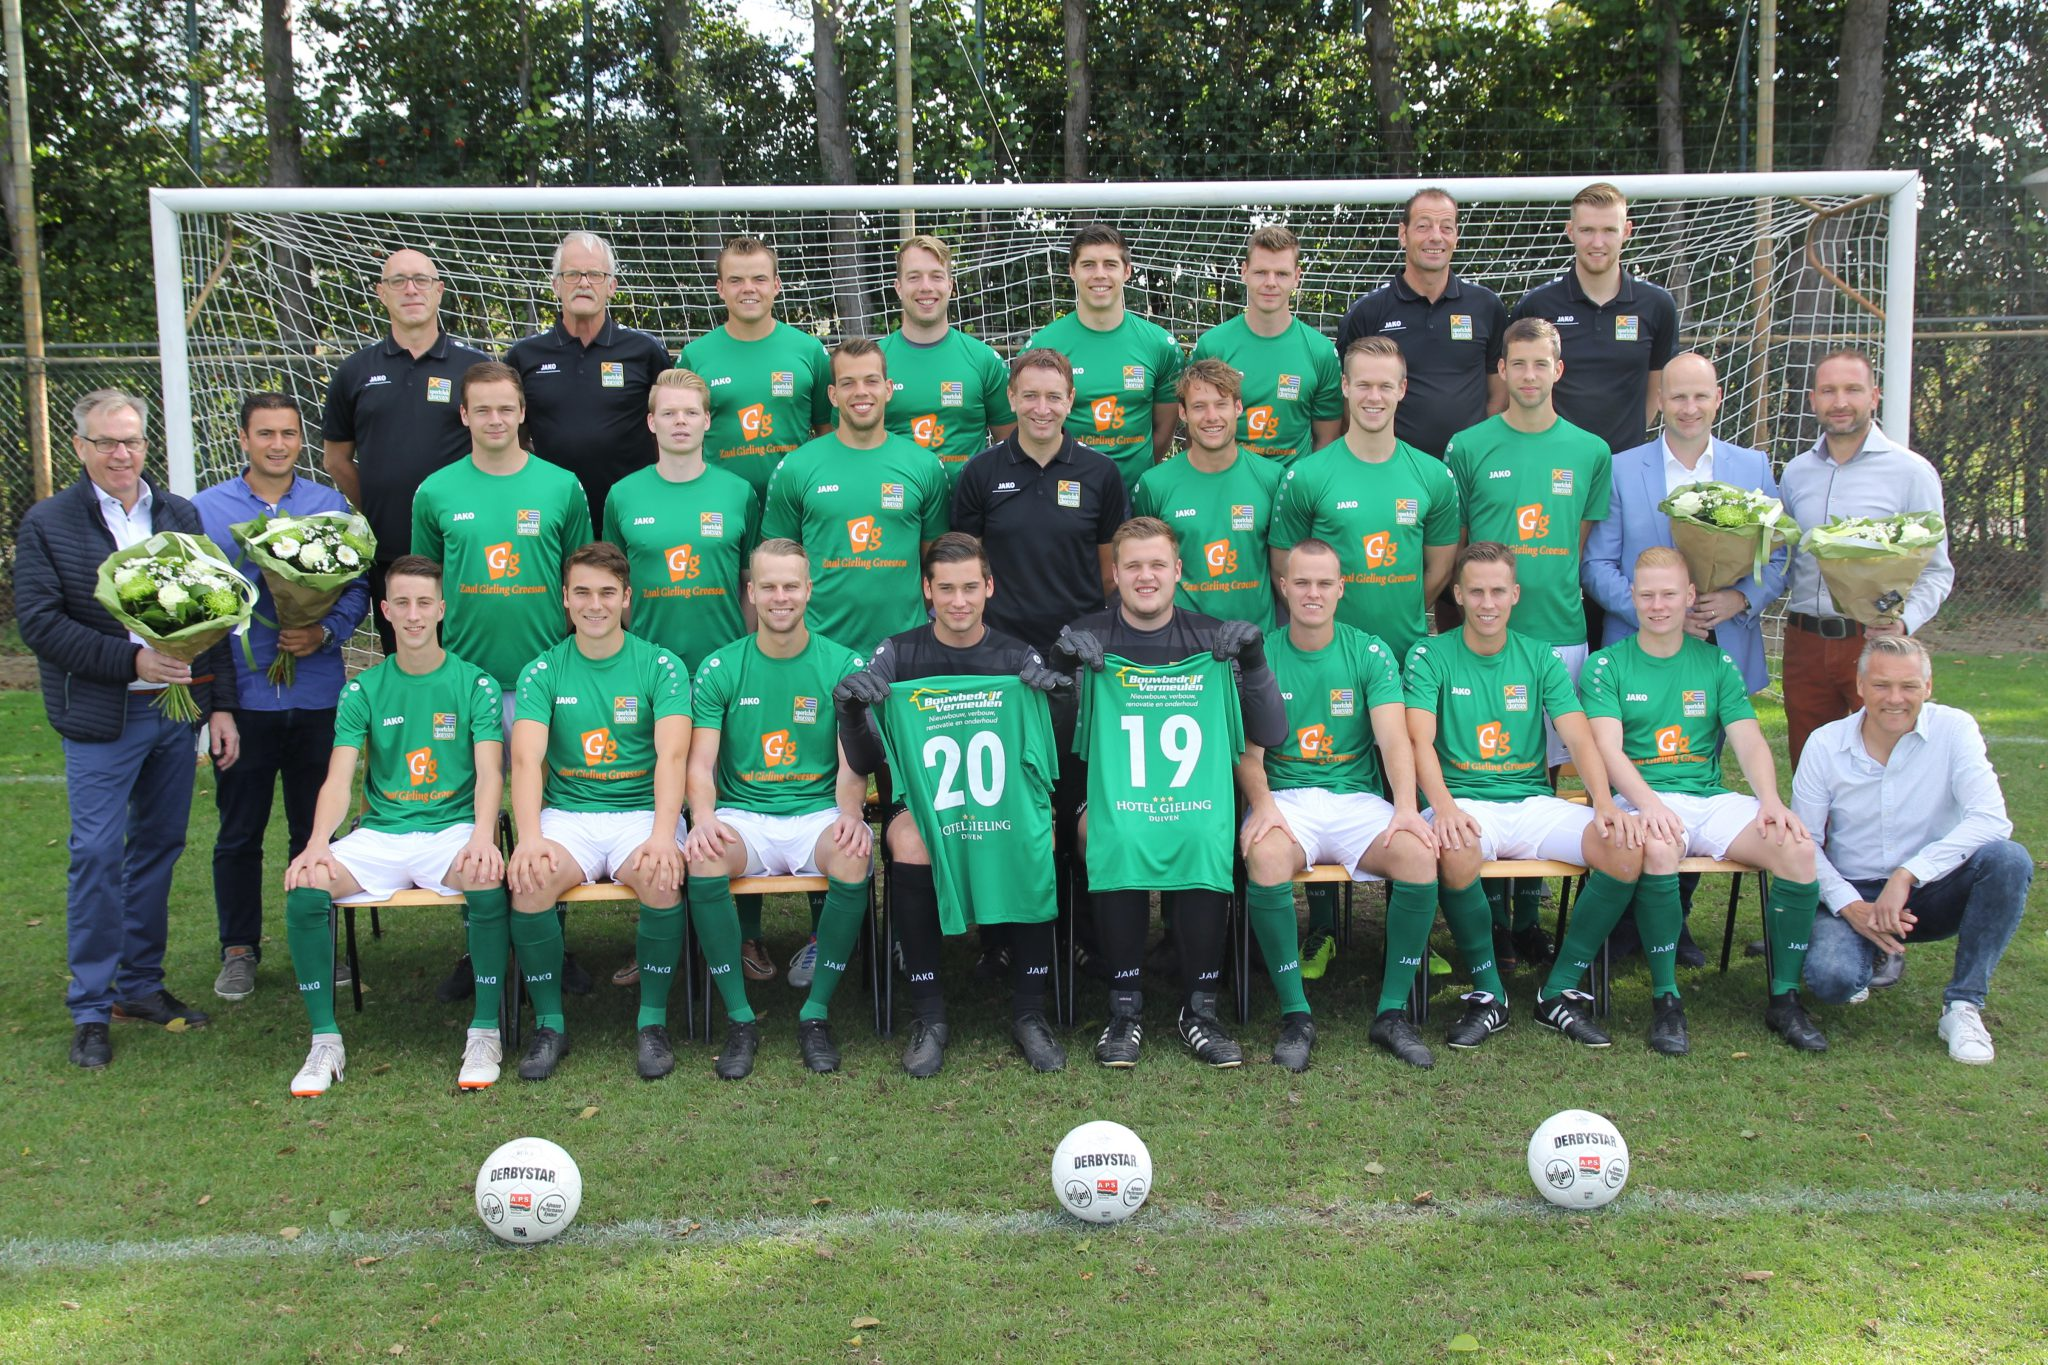 Eerste elftal Groessen presenteert shirt met nieuwe hoofdsponsors